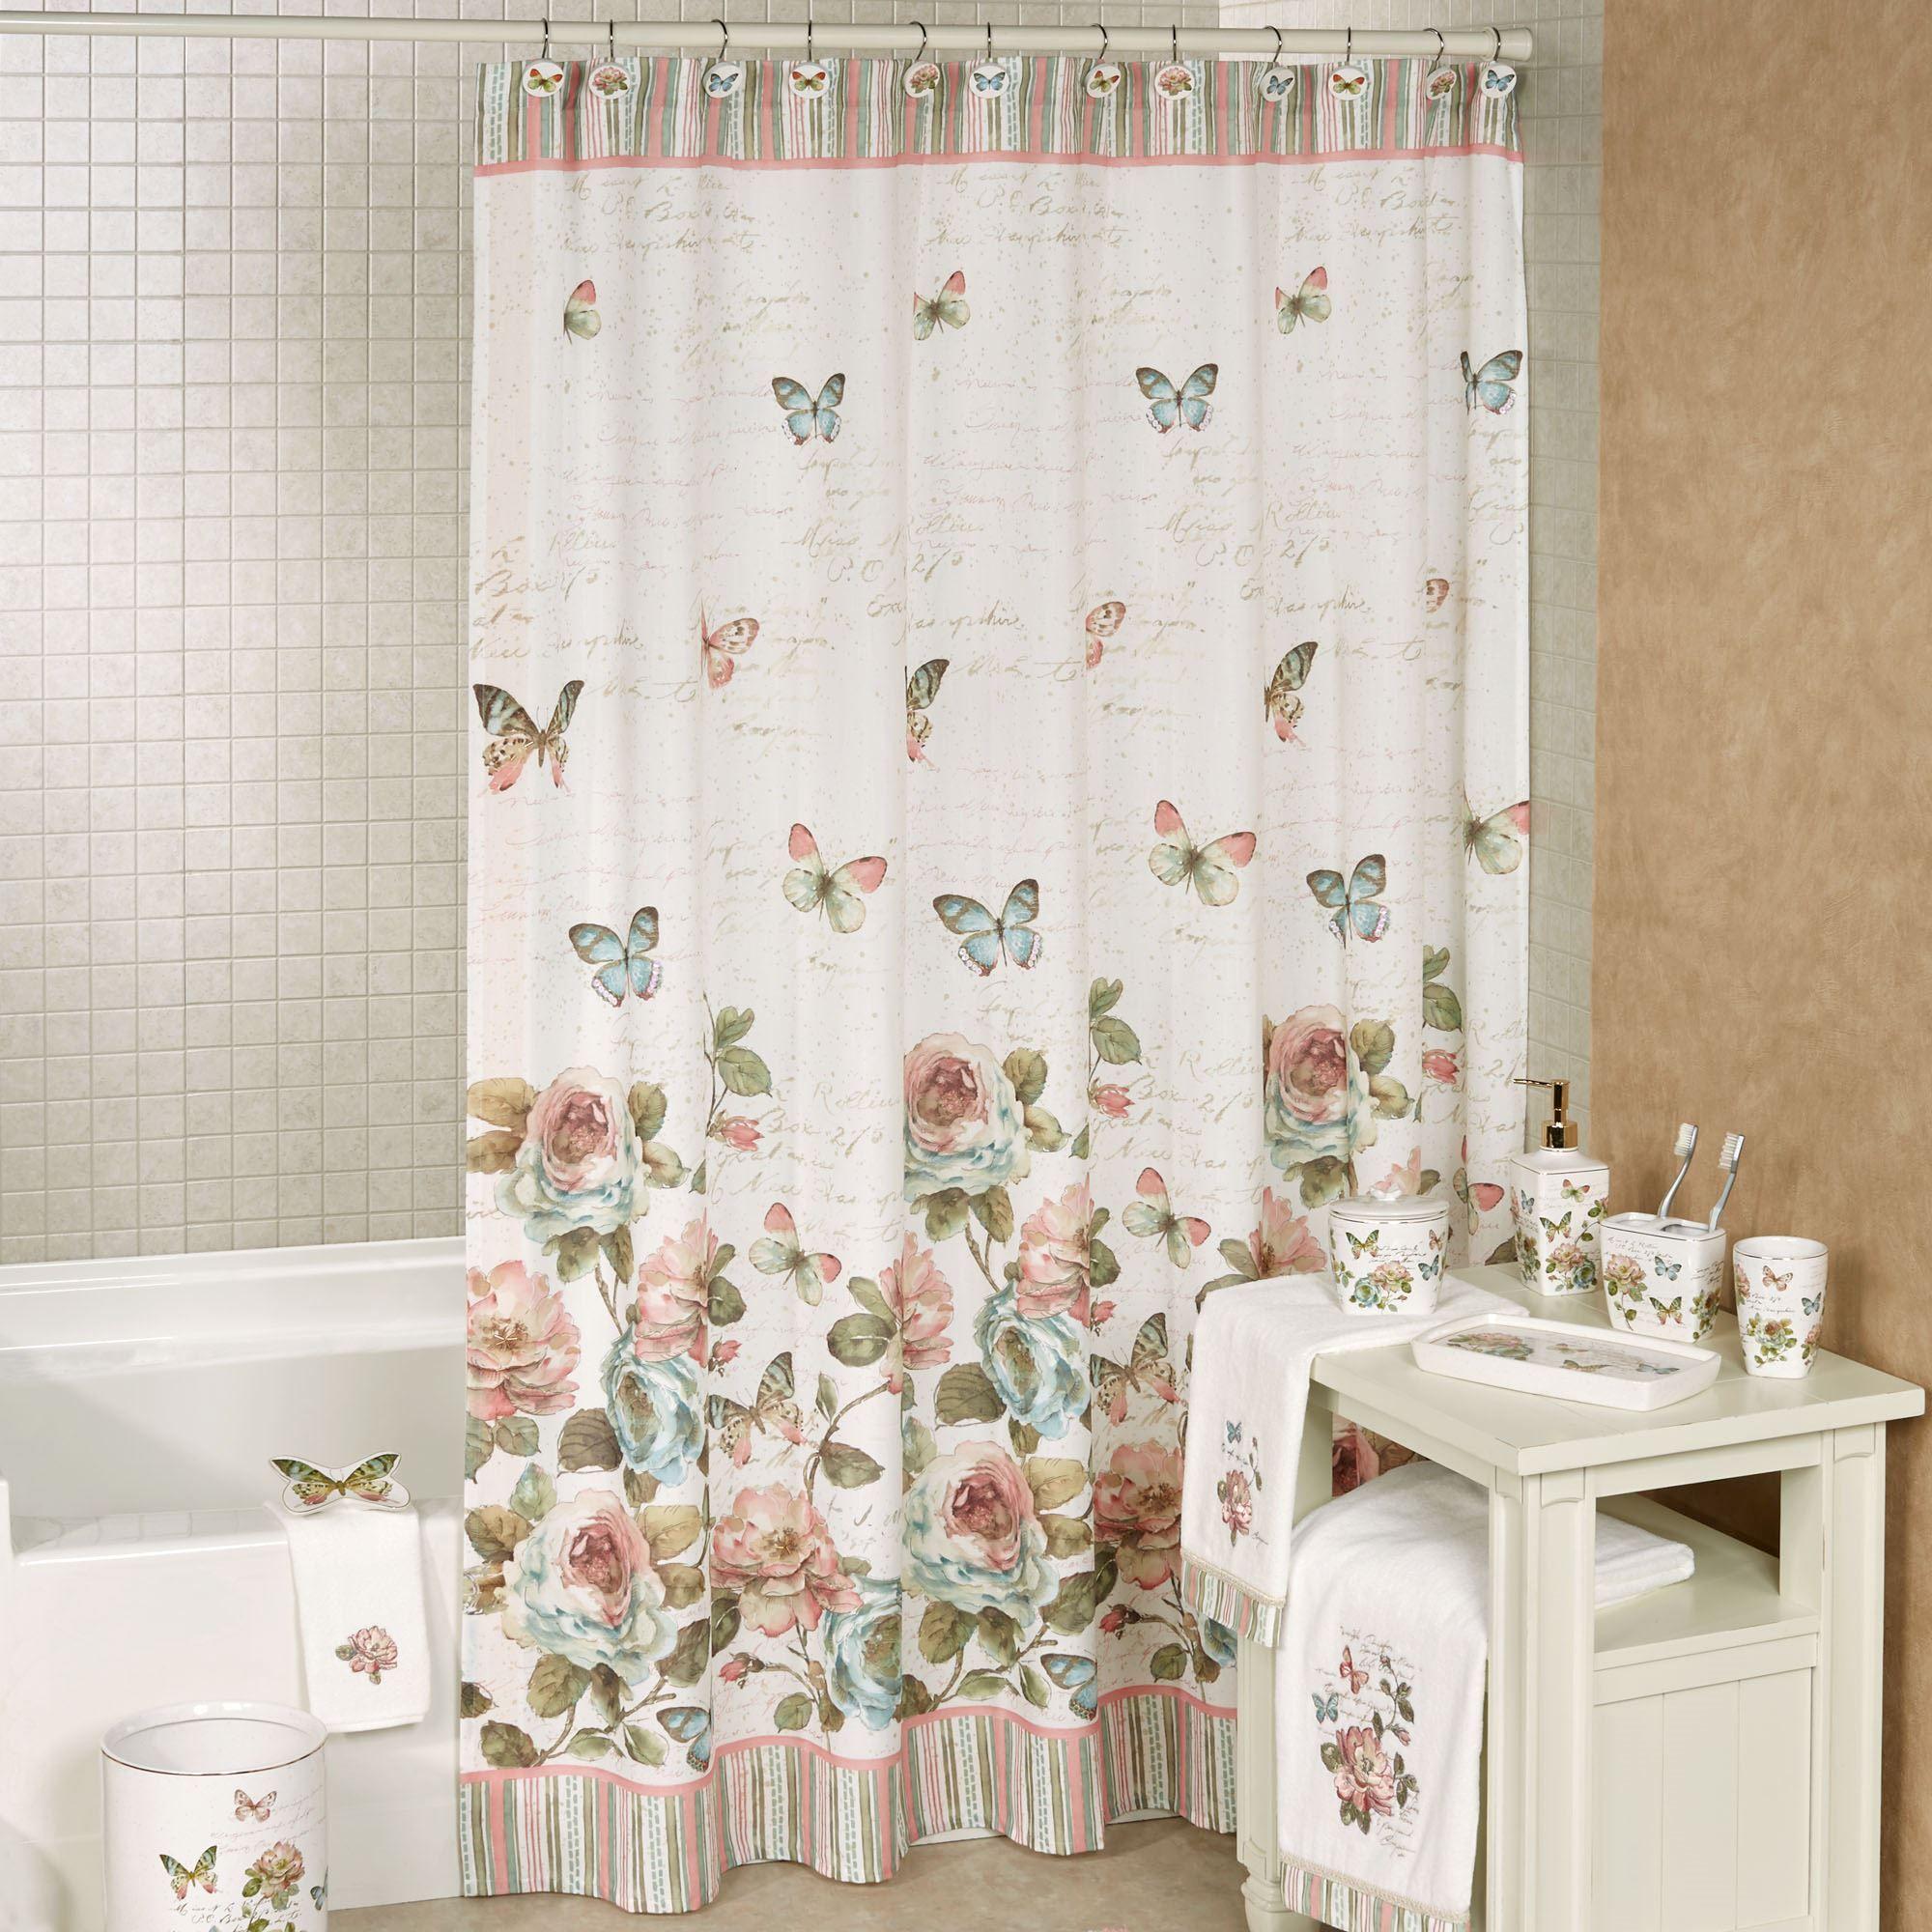 Beau Butterfly Garden Shower Curtain Ivory 72 X 72